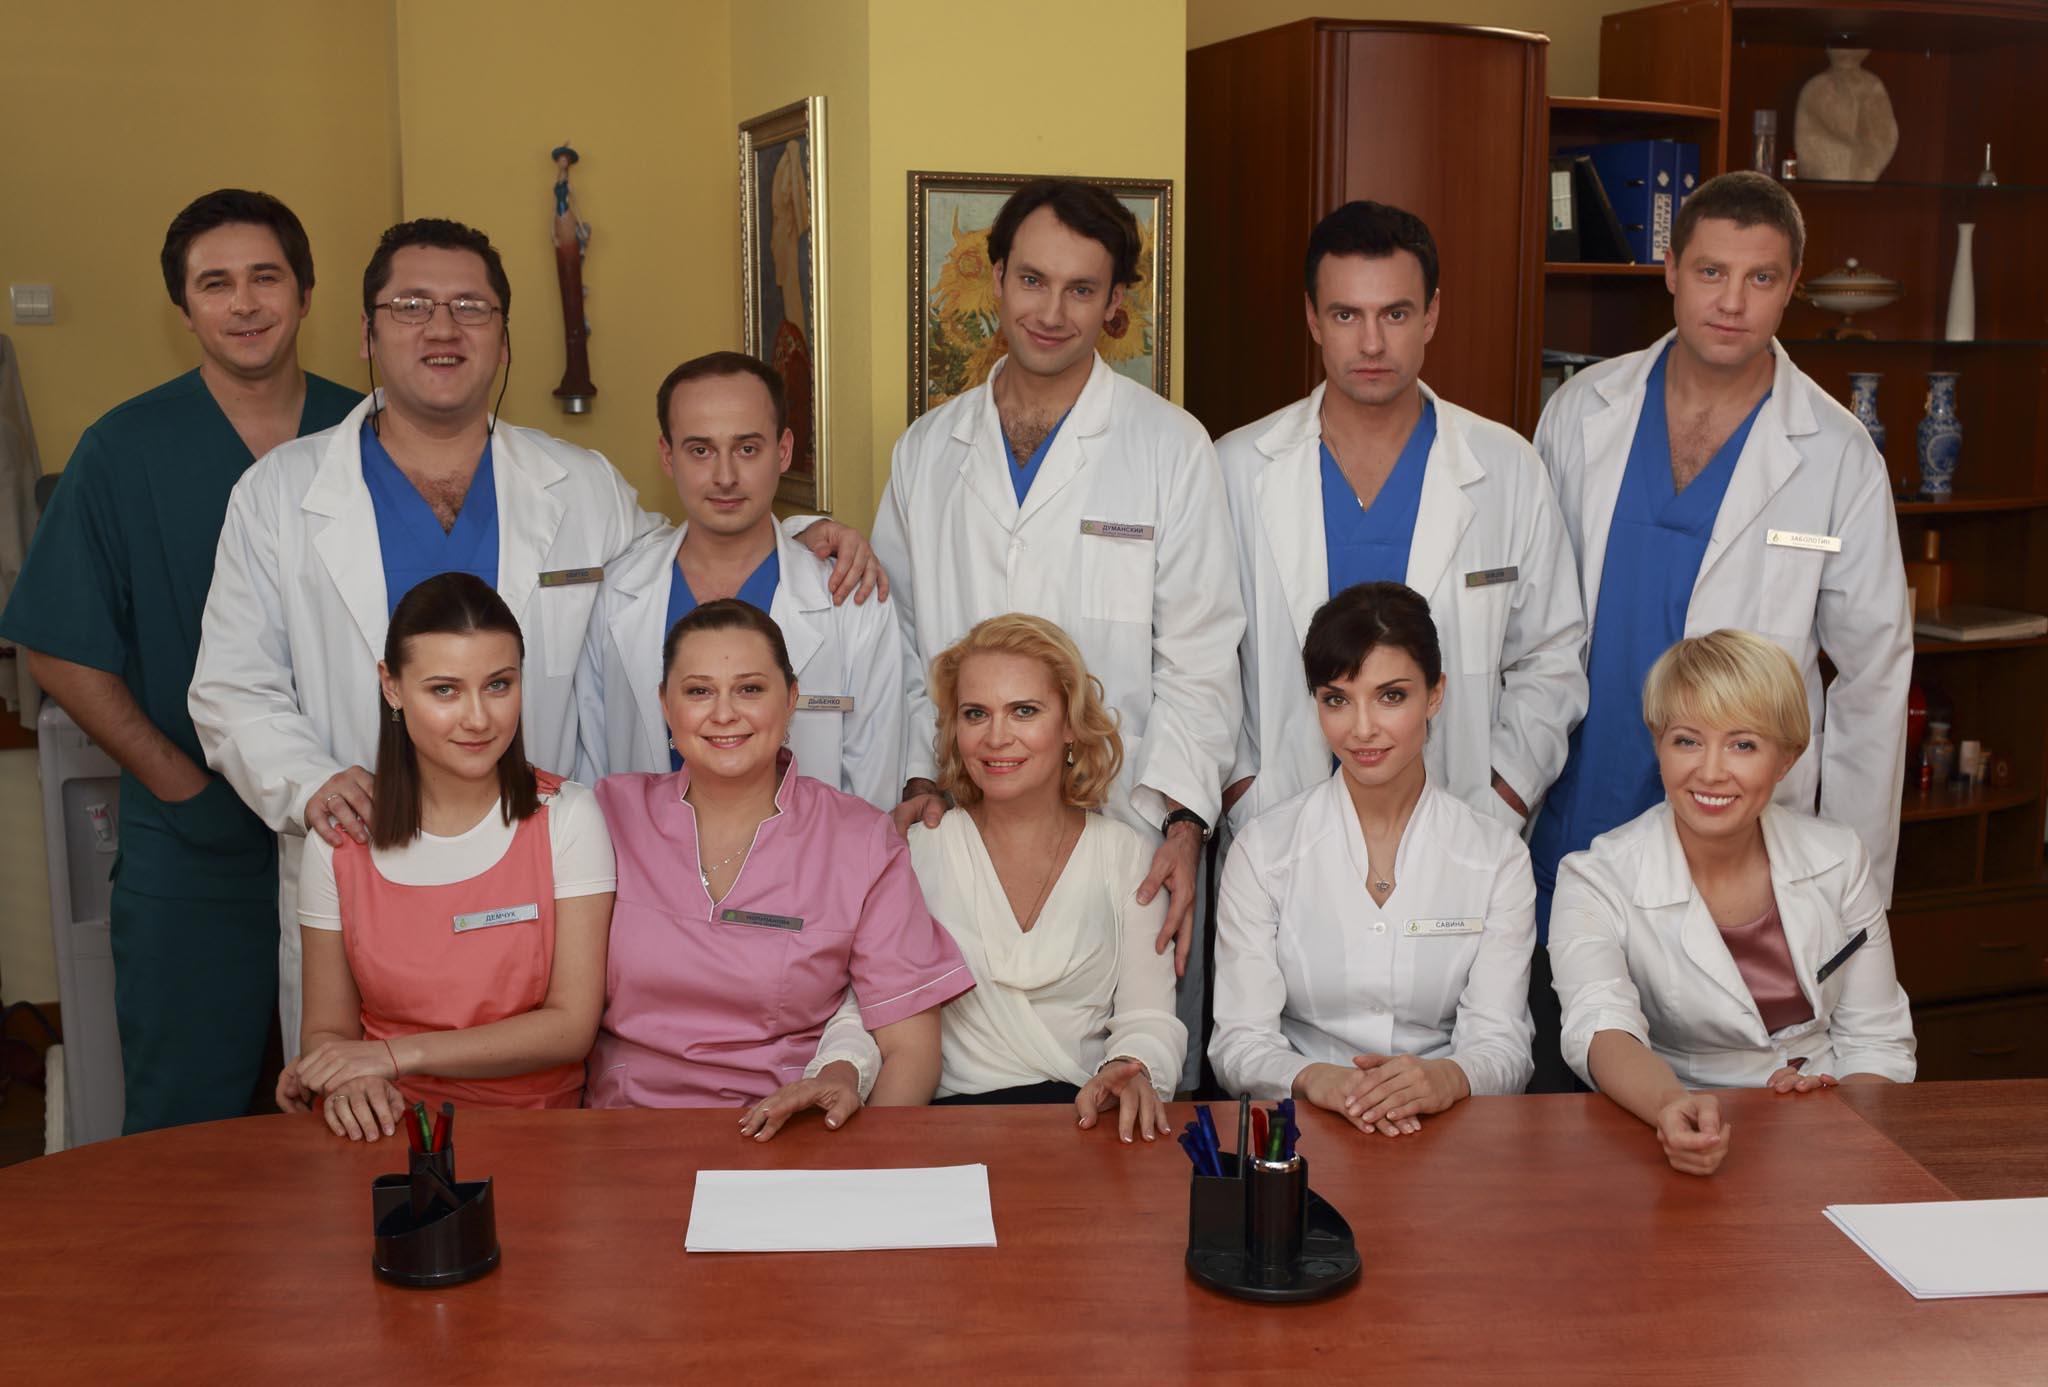 Русский доктор по аналу 11 фотография